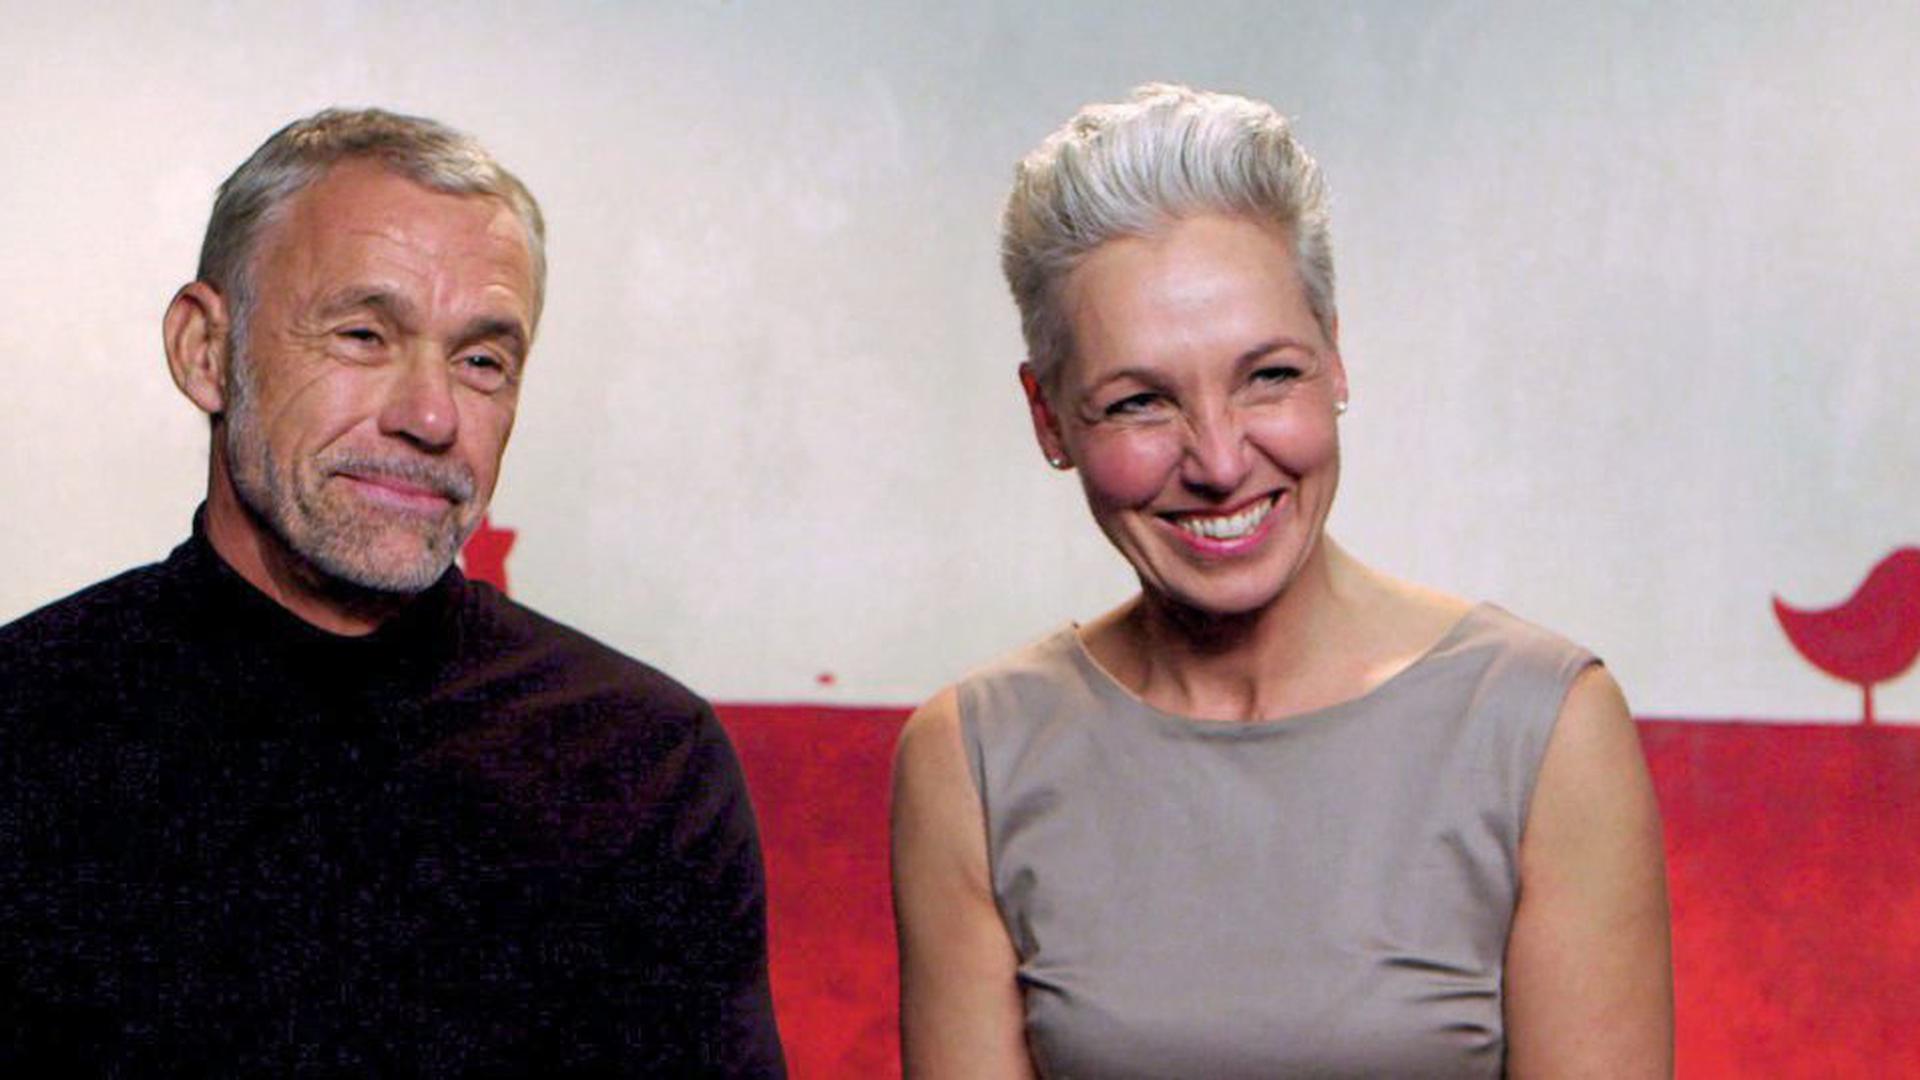 """Jördis und Thomas haben sich bei der TV-Show """"First Dates"""" kennengelernt und möchten im Sommer heiraten."""